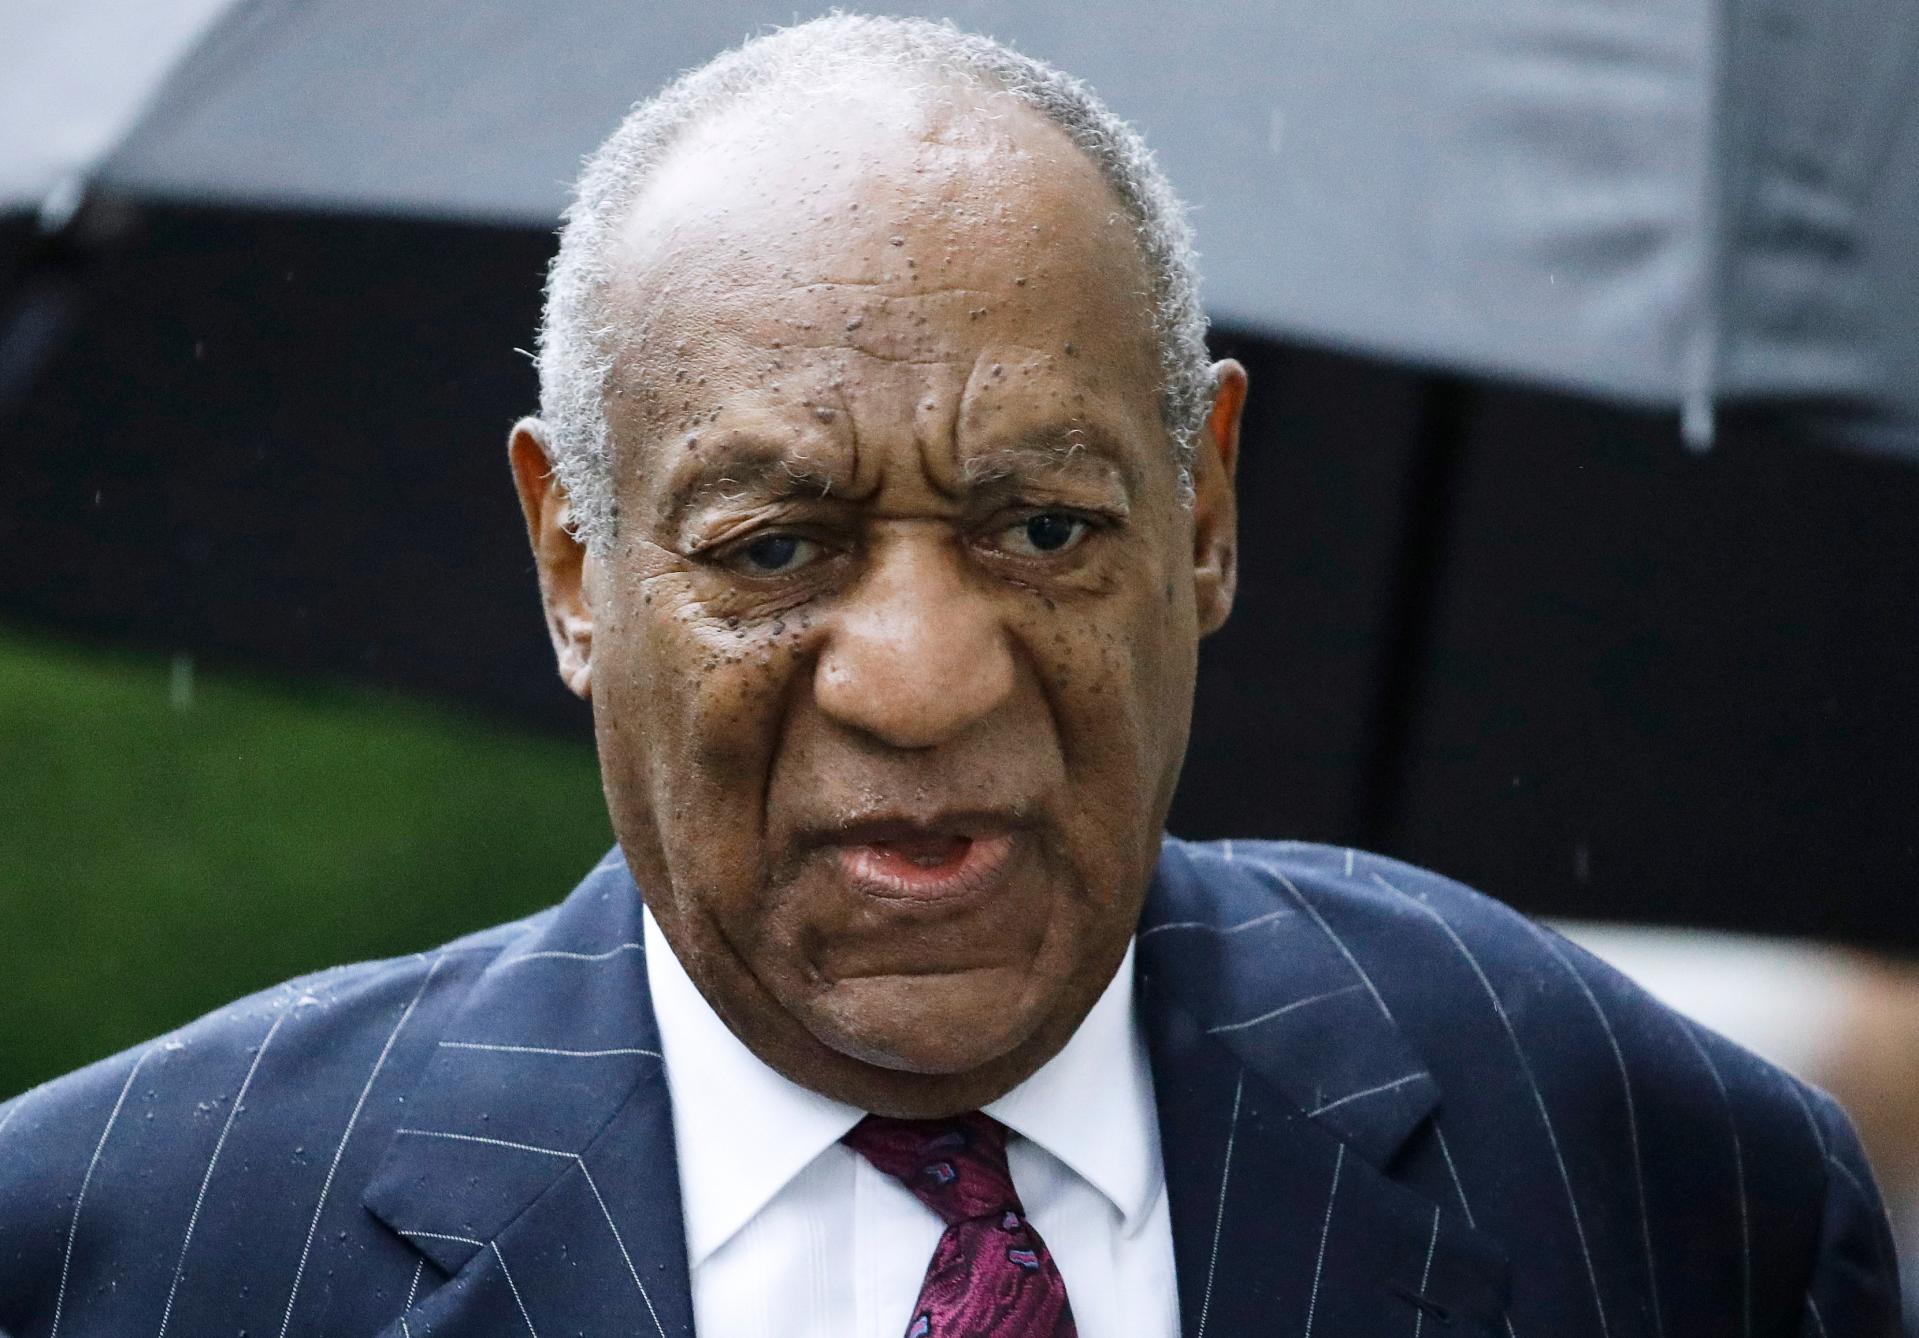 Bill Cosby vẫn còn nợ hơn 2,75 triệu đô la phí pháp lý, công ty luật nói